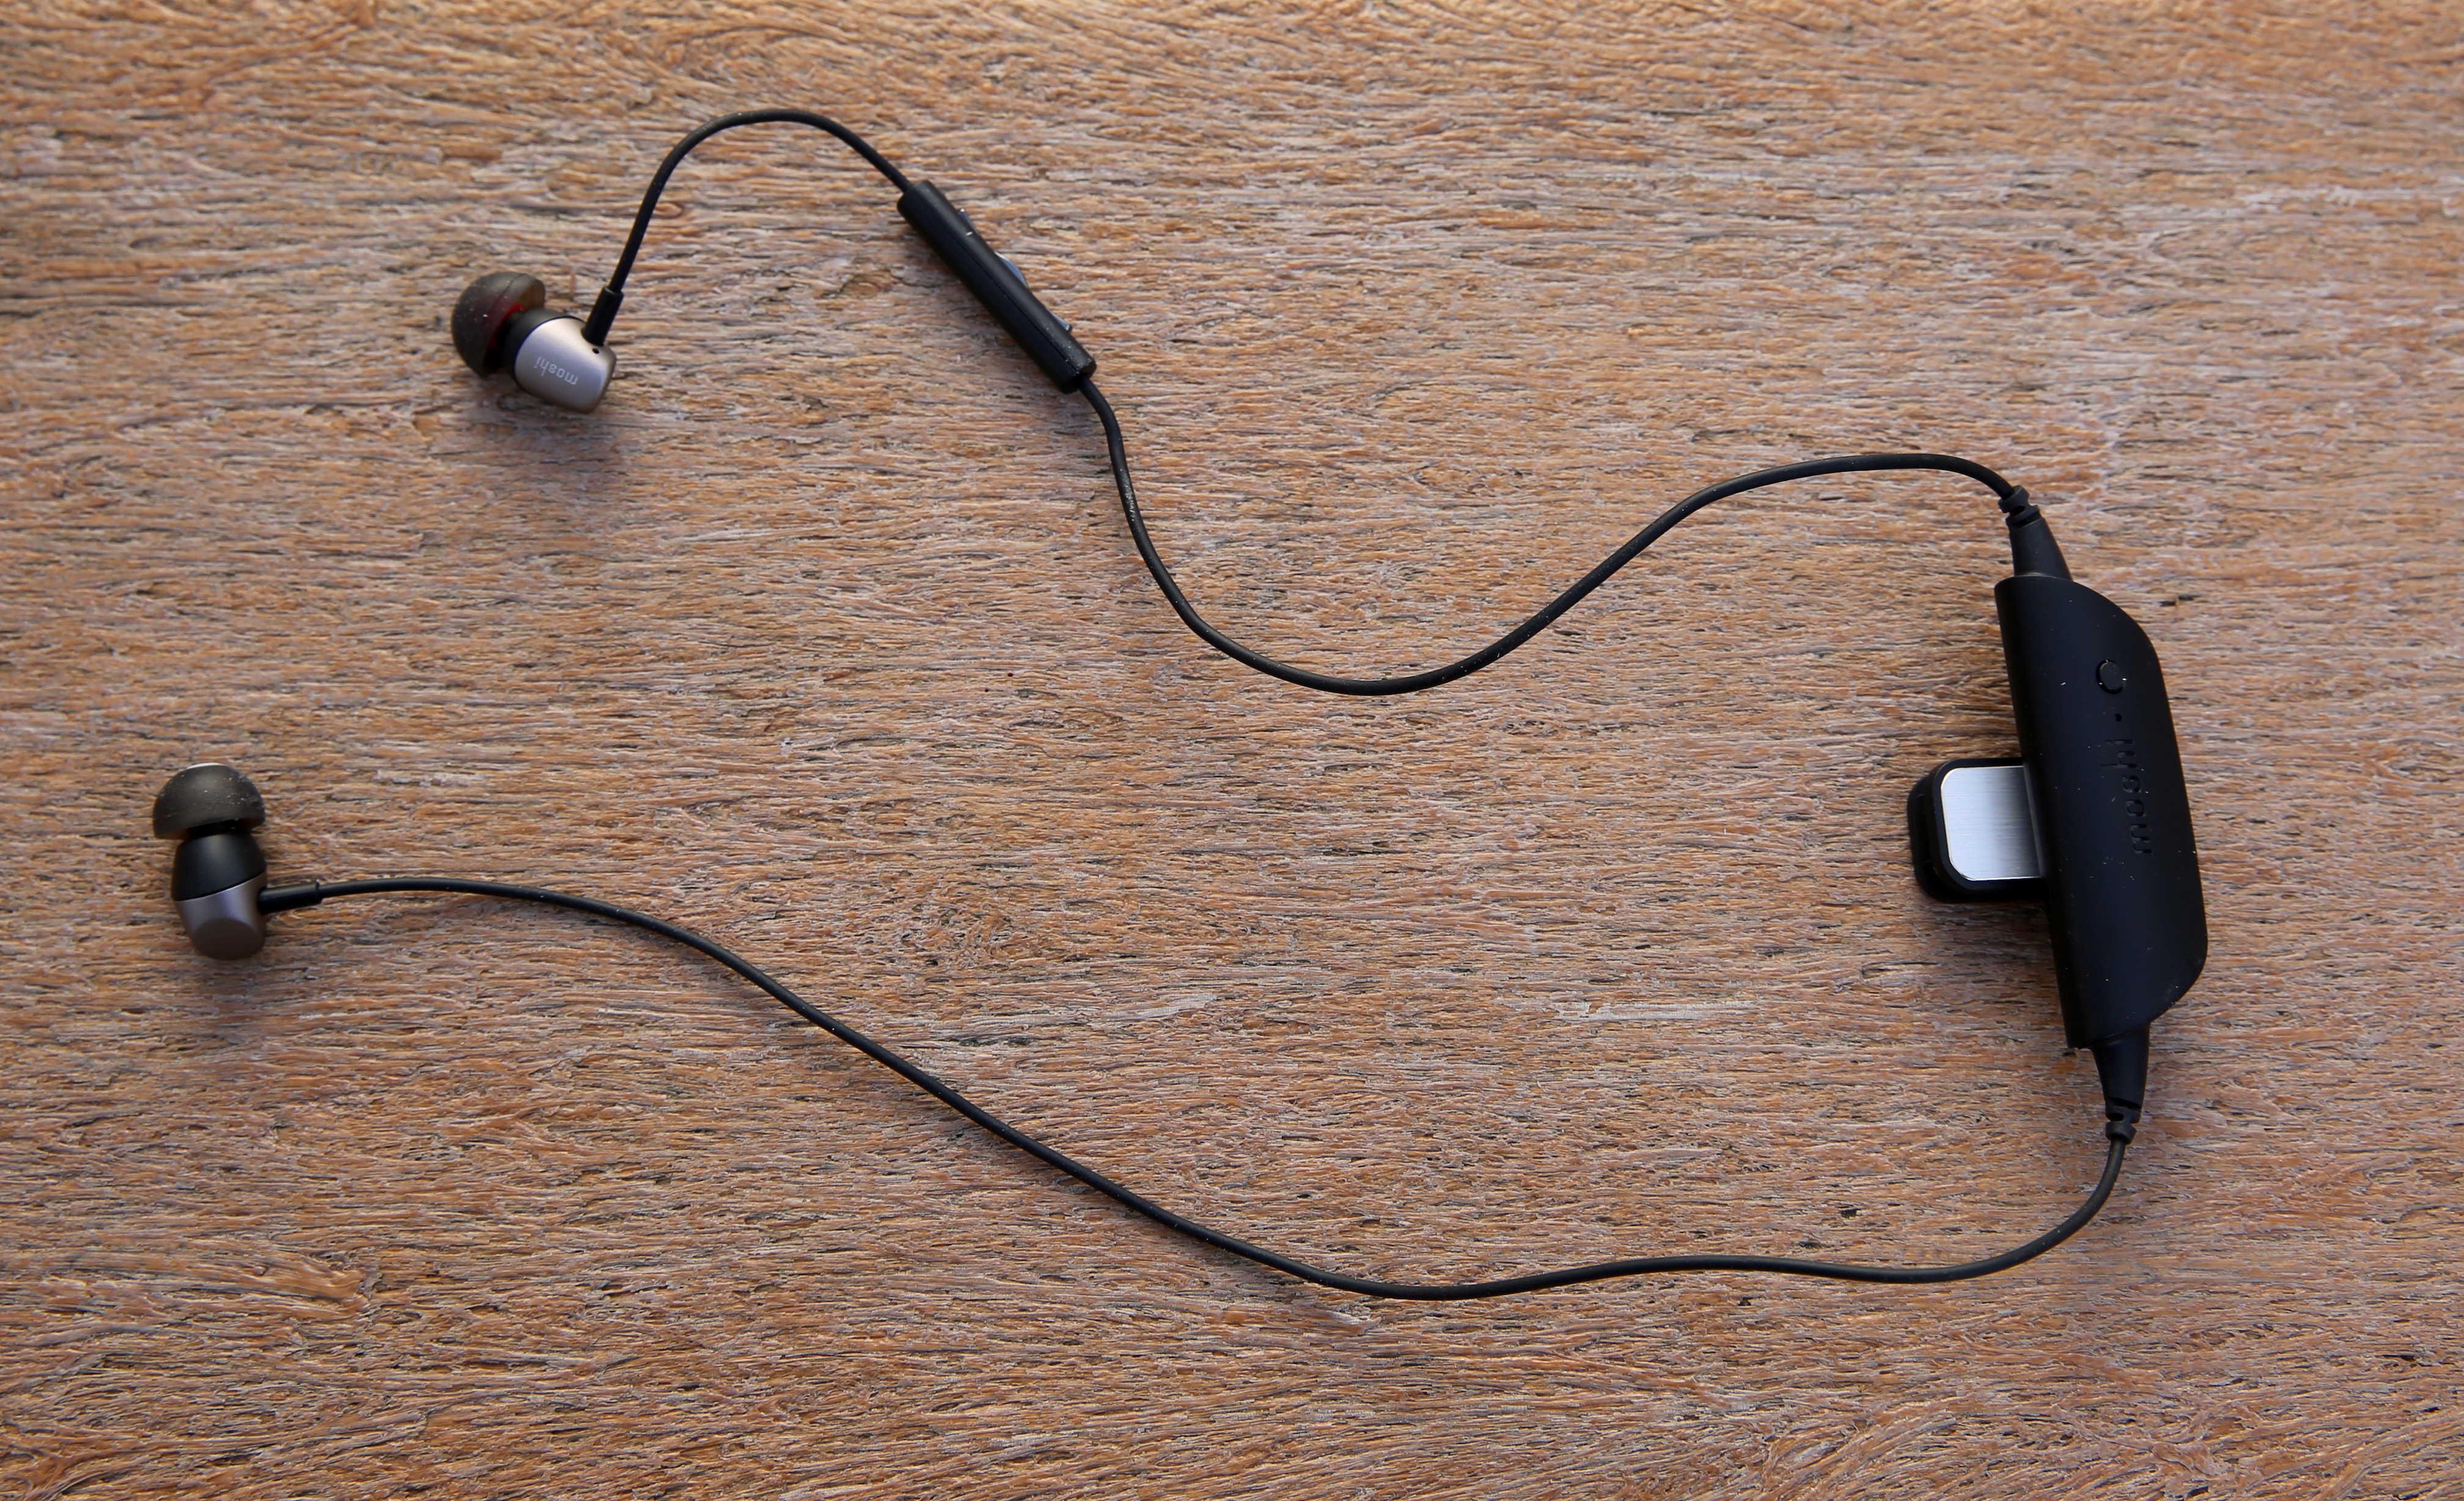 Moshi Mythro Air earbuds